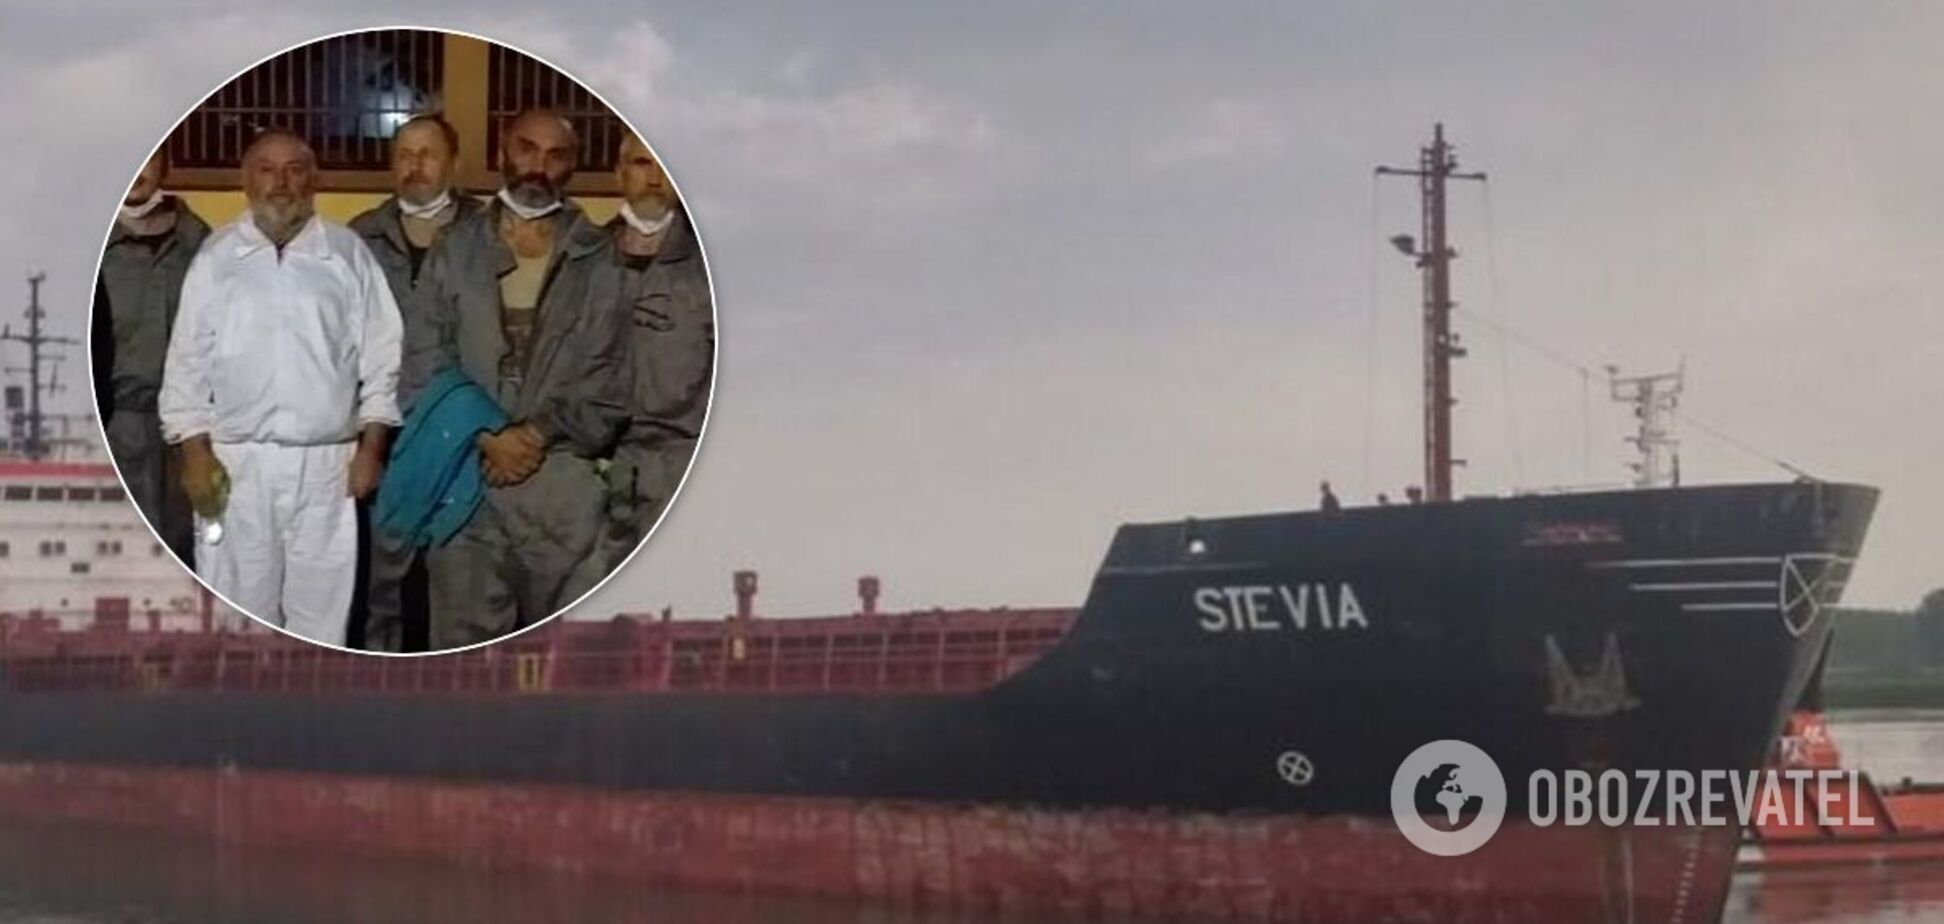 Моряки з судна Stevia повернуться в Україну